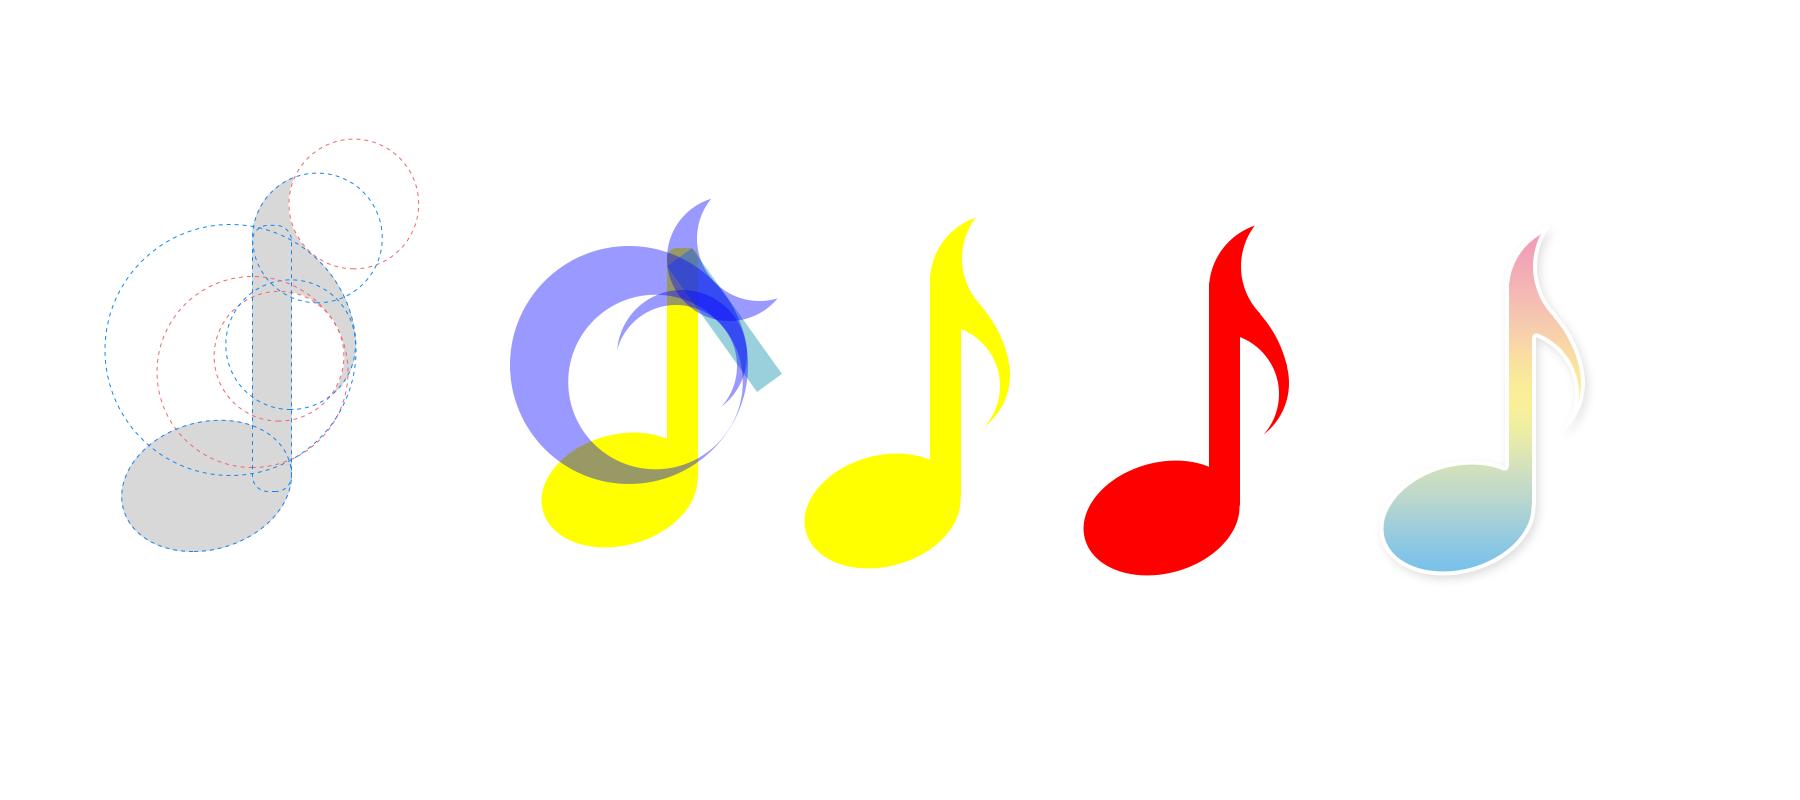 使用技巧图标_音符的画法,圆角icon的技巧|ui|图标|向前看琪 - 原创